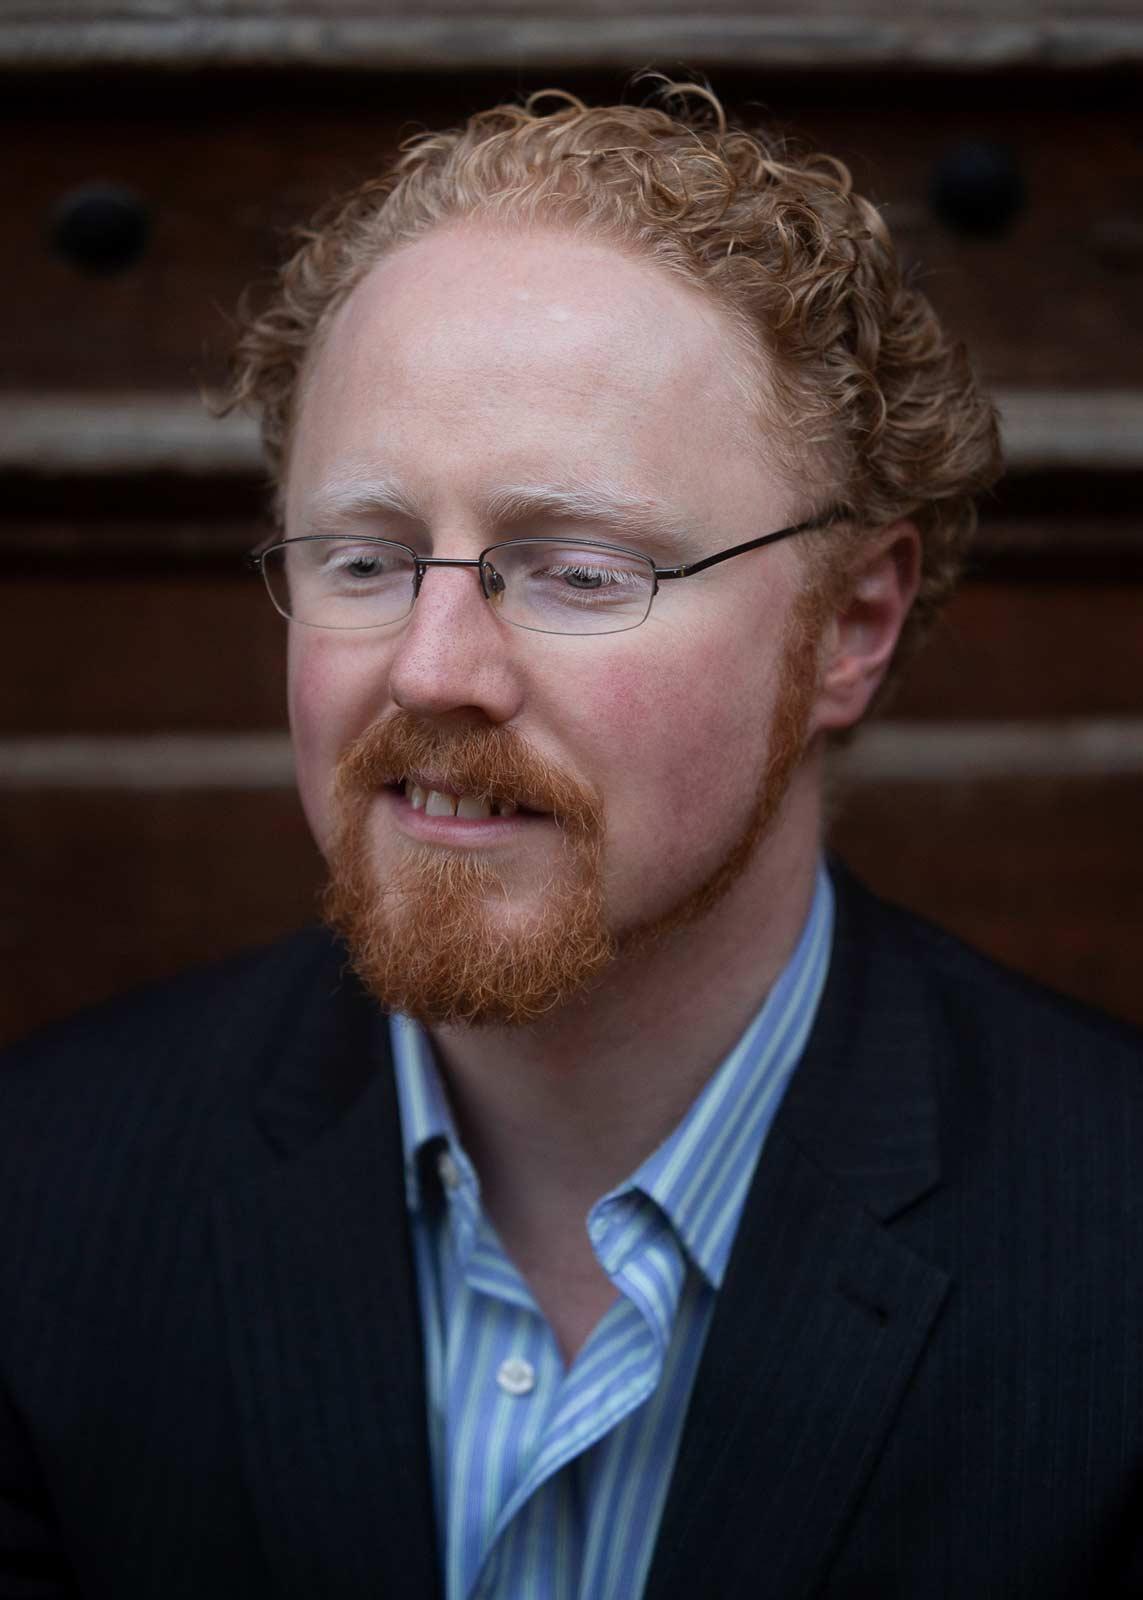 ccphilipa, photo, portrait, Matthew D. Kirkpatrick, kristeligt dagblad